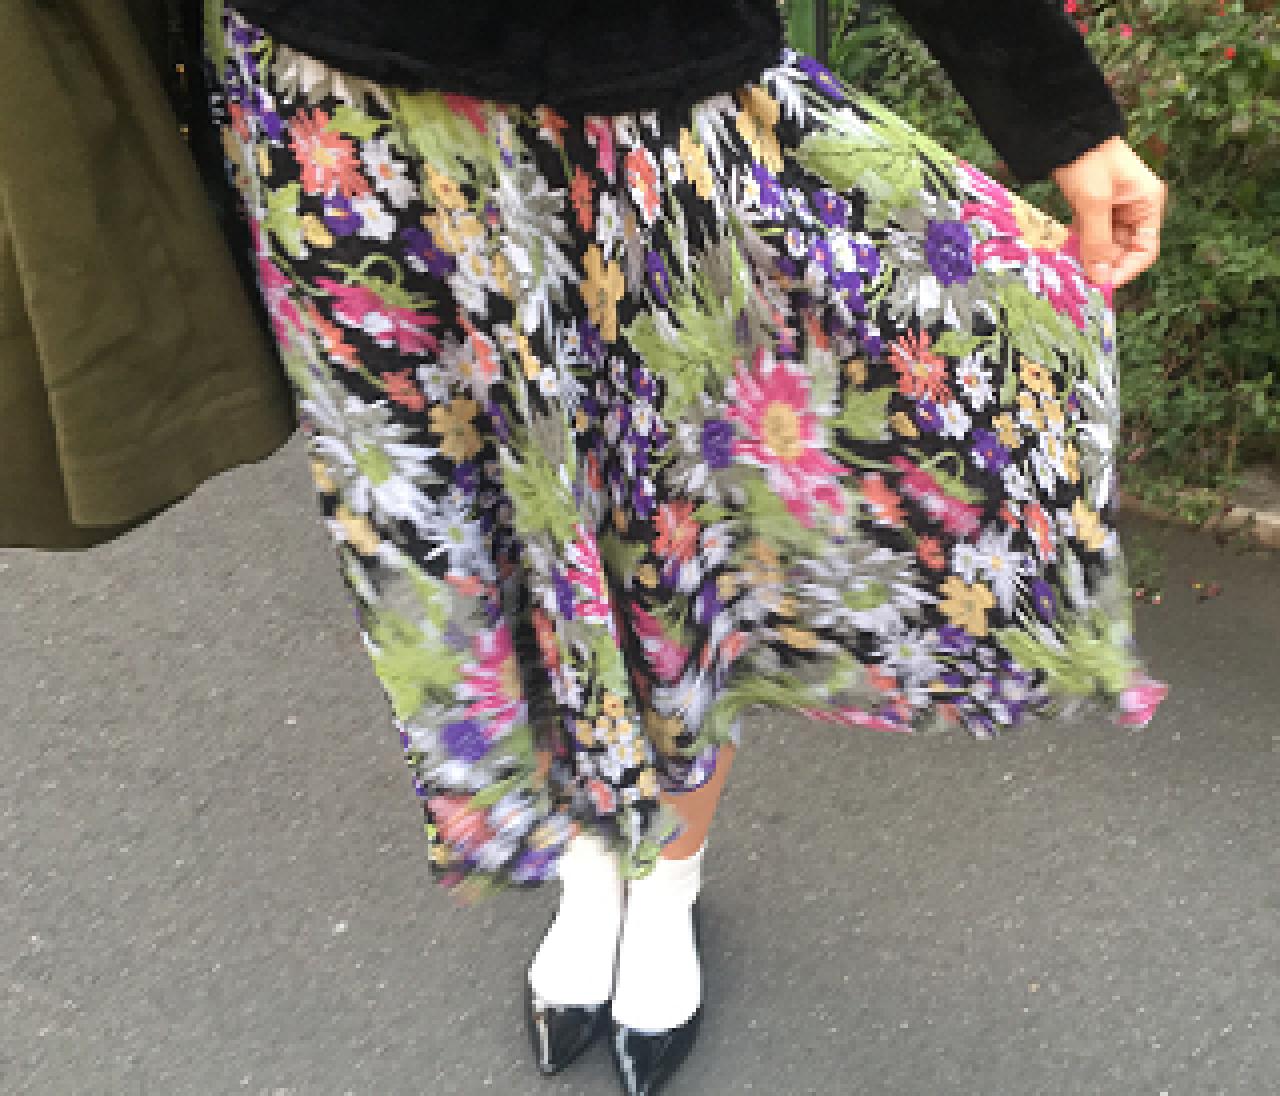 嬉しい秘密が。古着屋さんで見つけたスカート